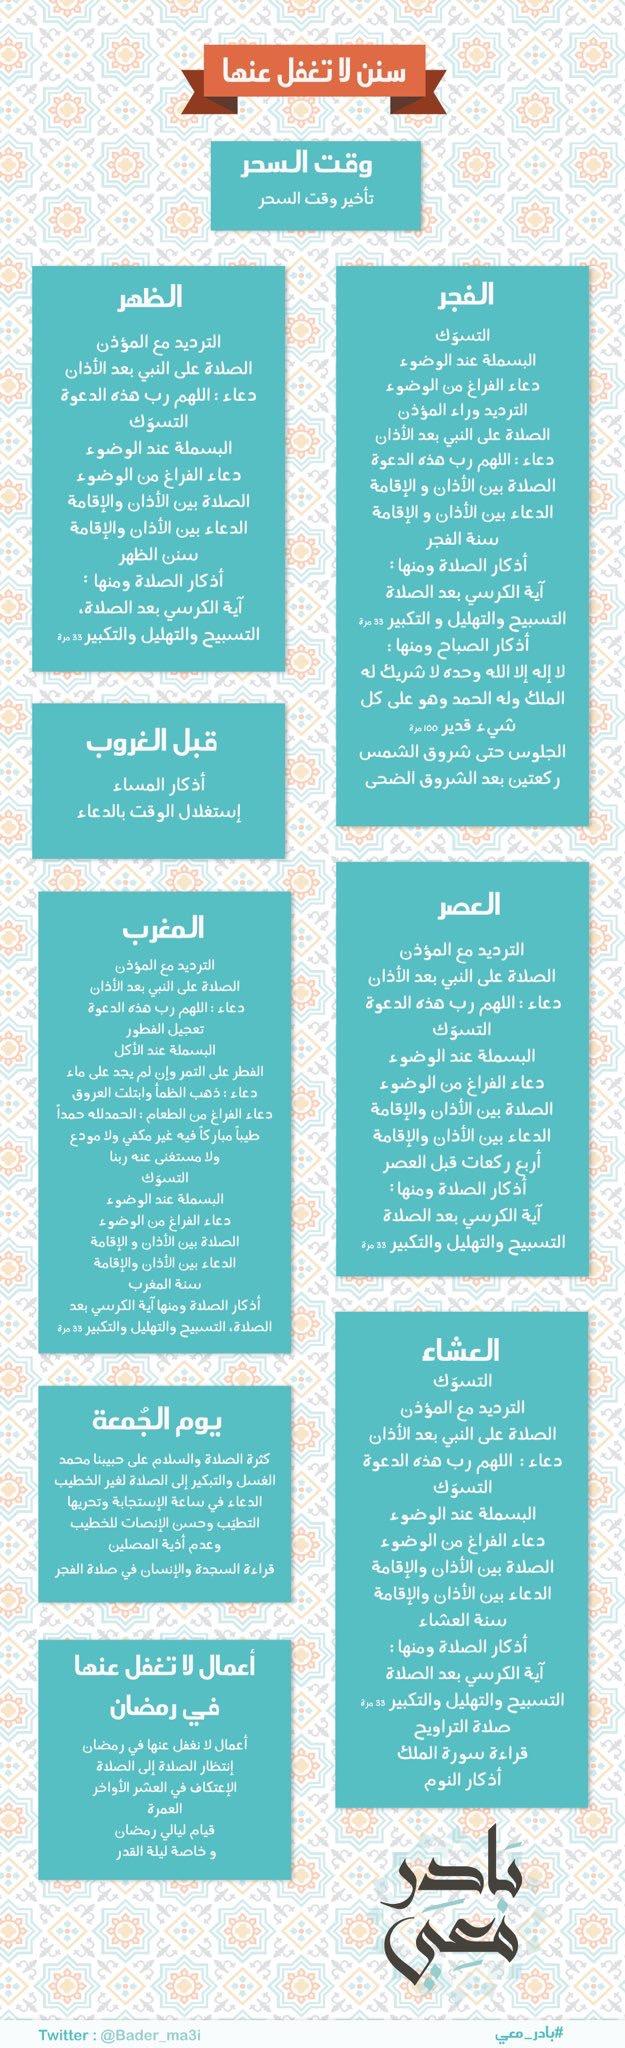 جدول حسب اوقات الصلاة باعمال المسلم اليومية Islamic Love Quotes Islamic Pictures Wedding Planning Organizer